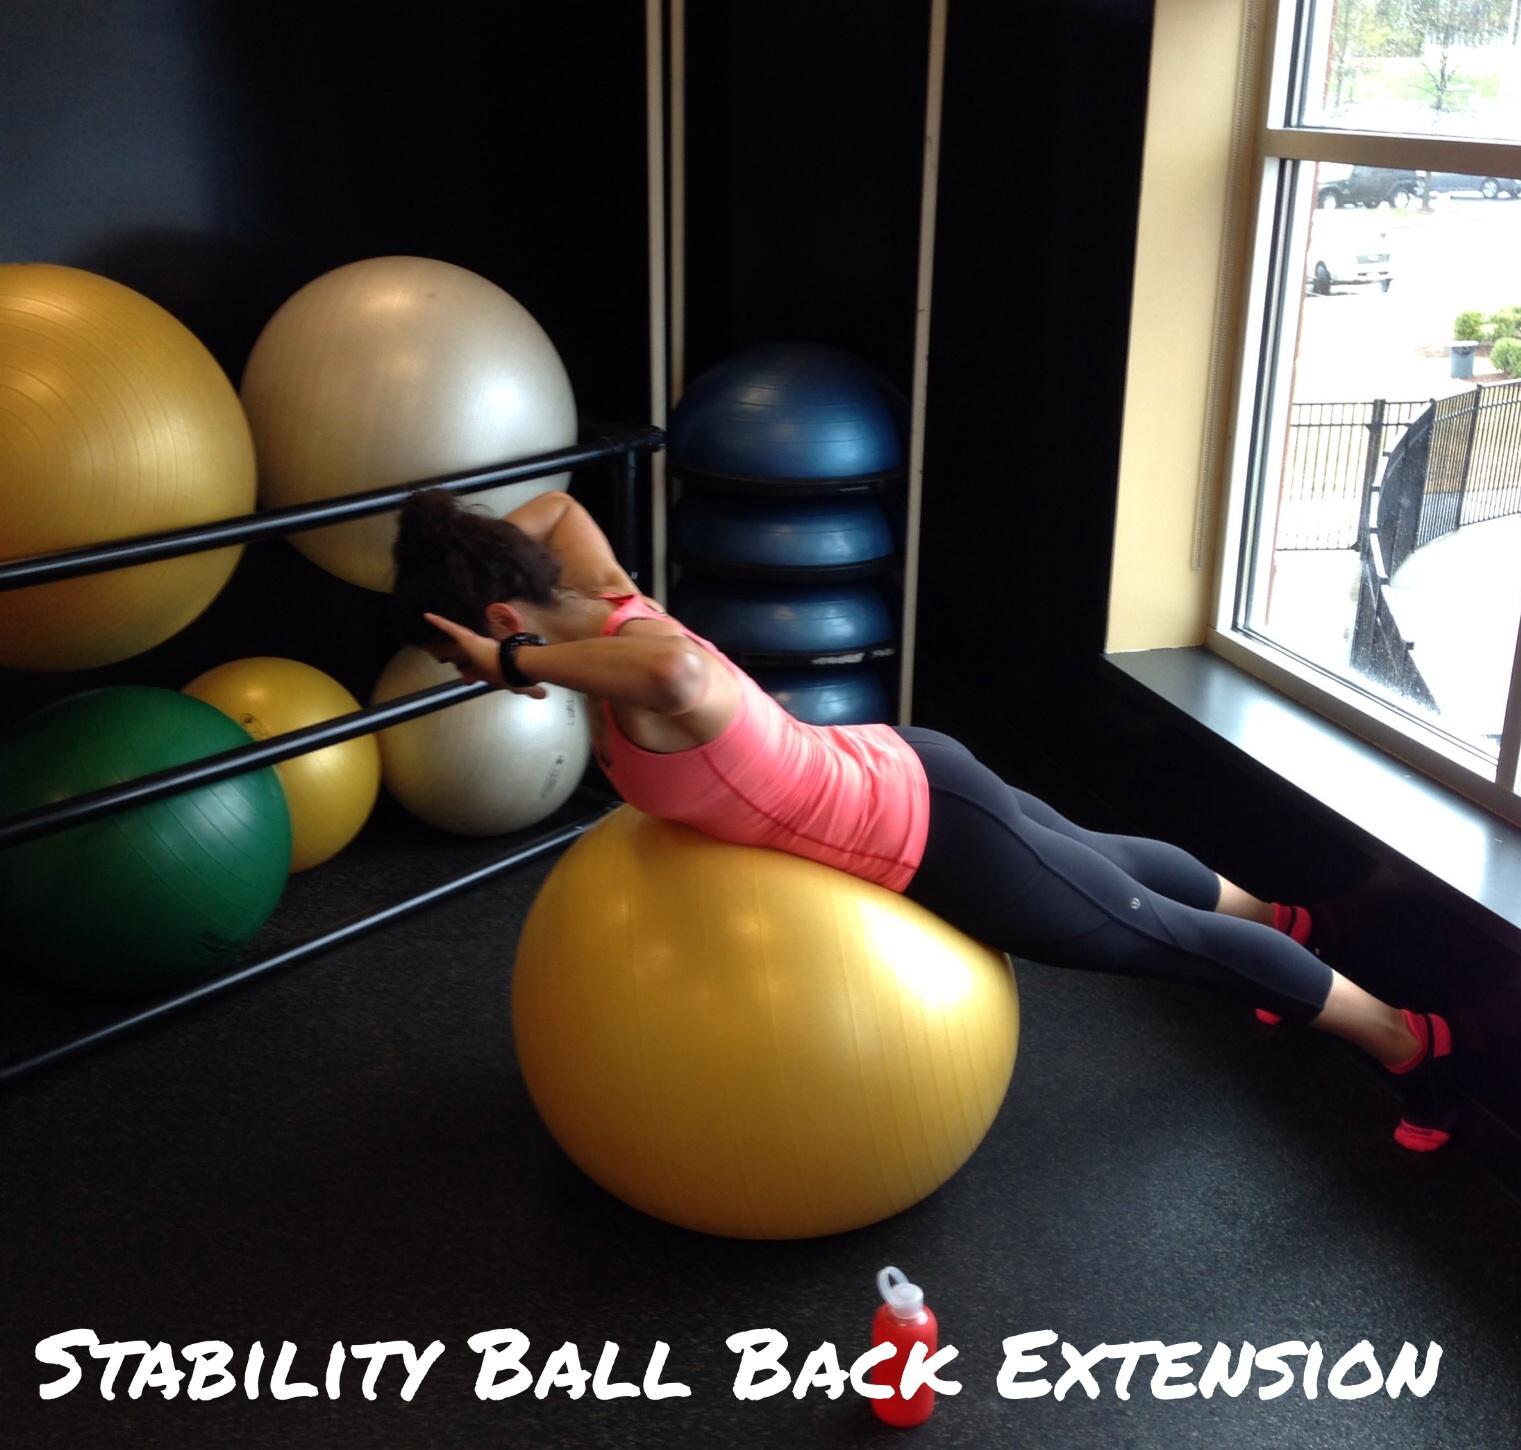 Stability Ball Back Extension - Lauren Schwaiger